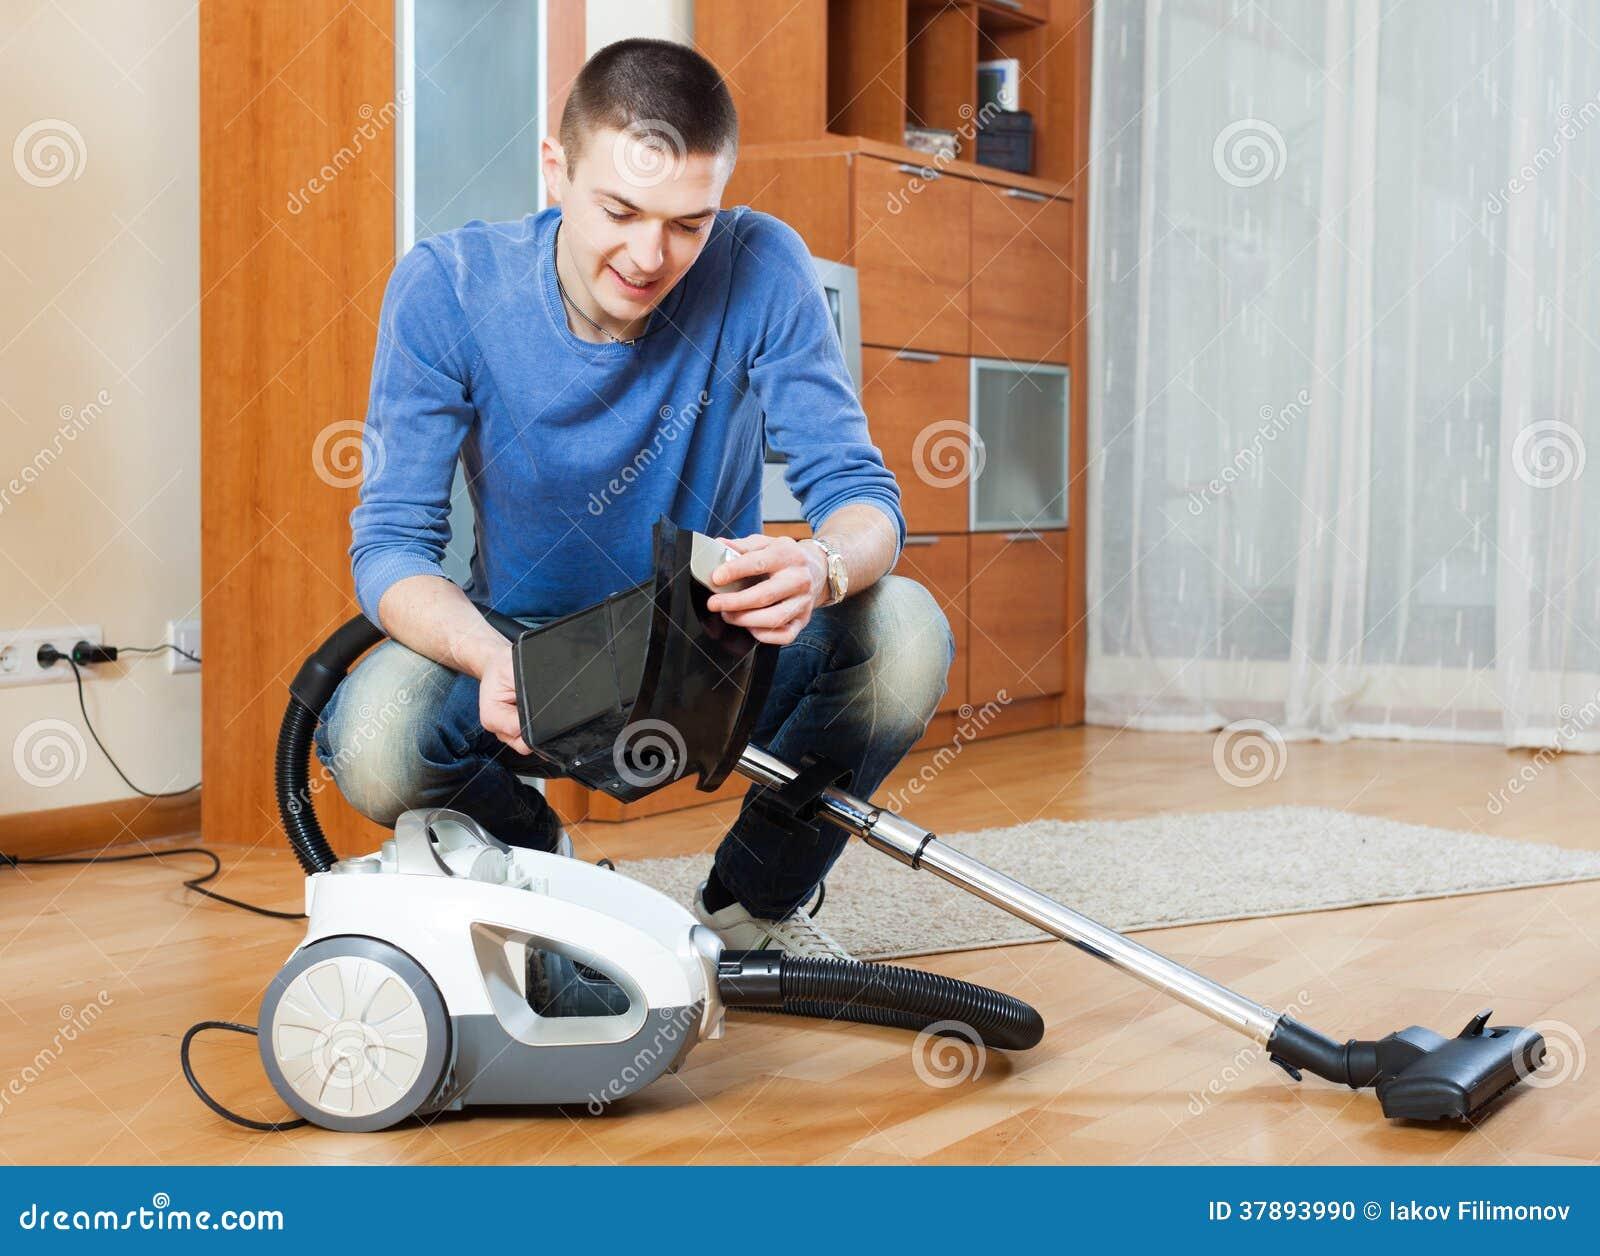 bemannen sie das staub saugen mit staubsauger auf parkettboden in lebenro stockfoto bild 37893990. Black Bedroom Furniture Sets. Home Design Ideas